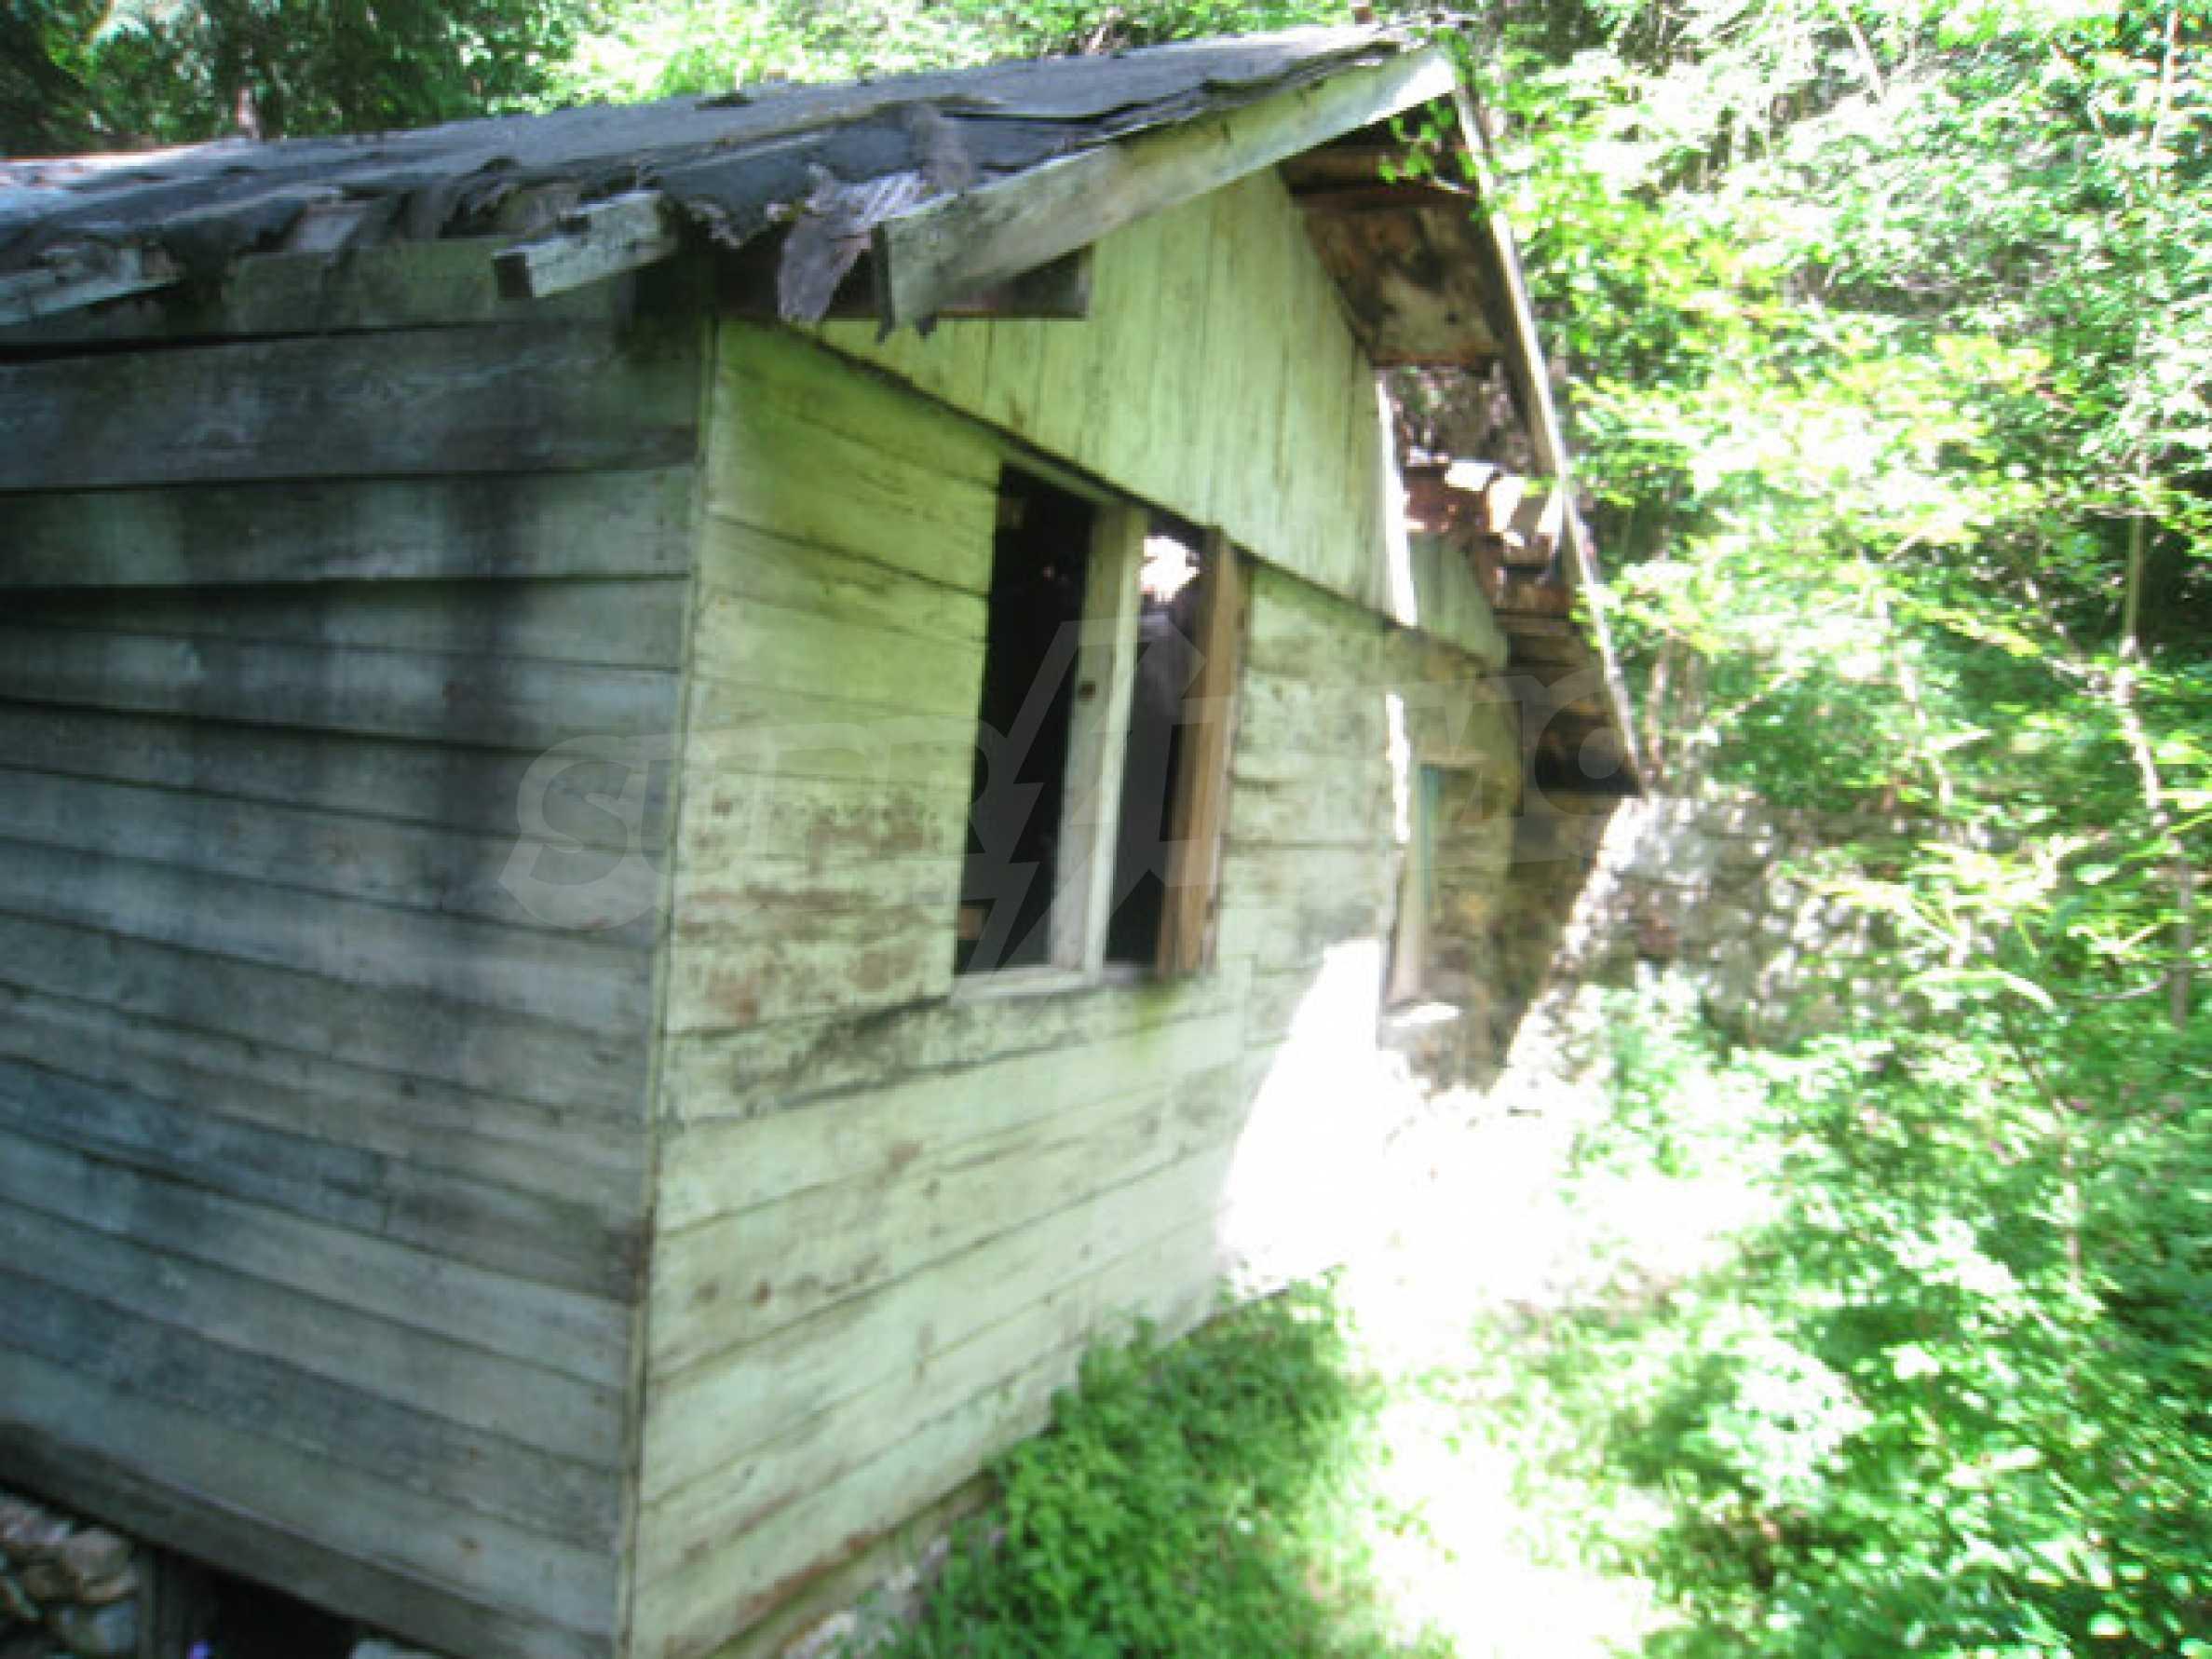 Haus zum Verkauf in einem Dorf 48 km von Svoge 6